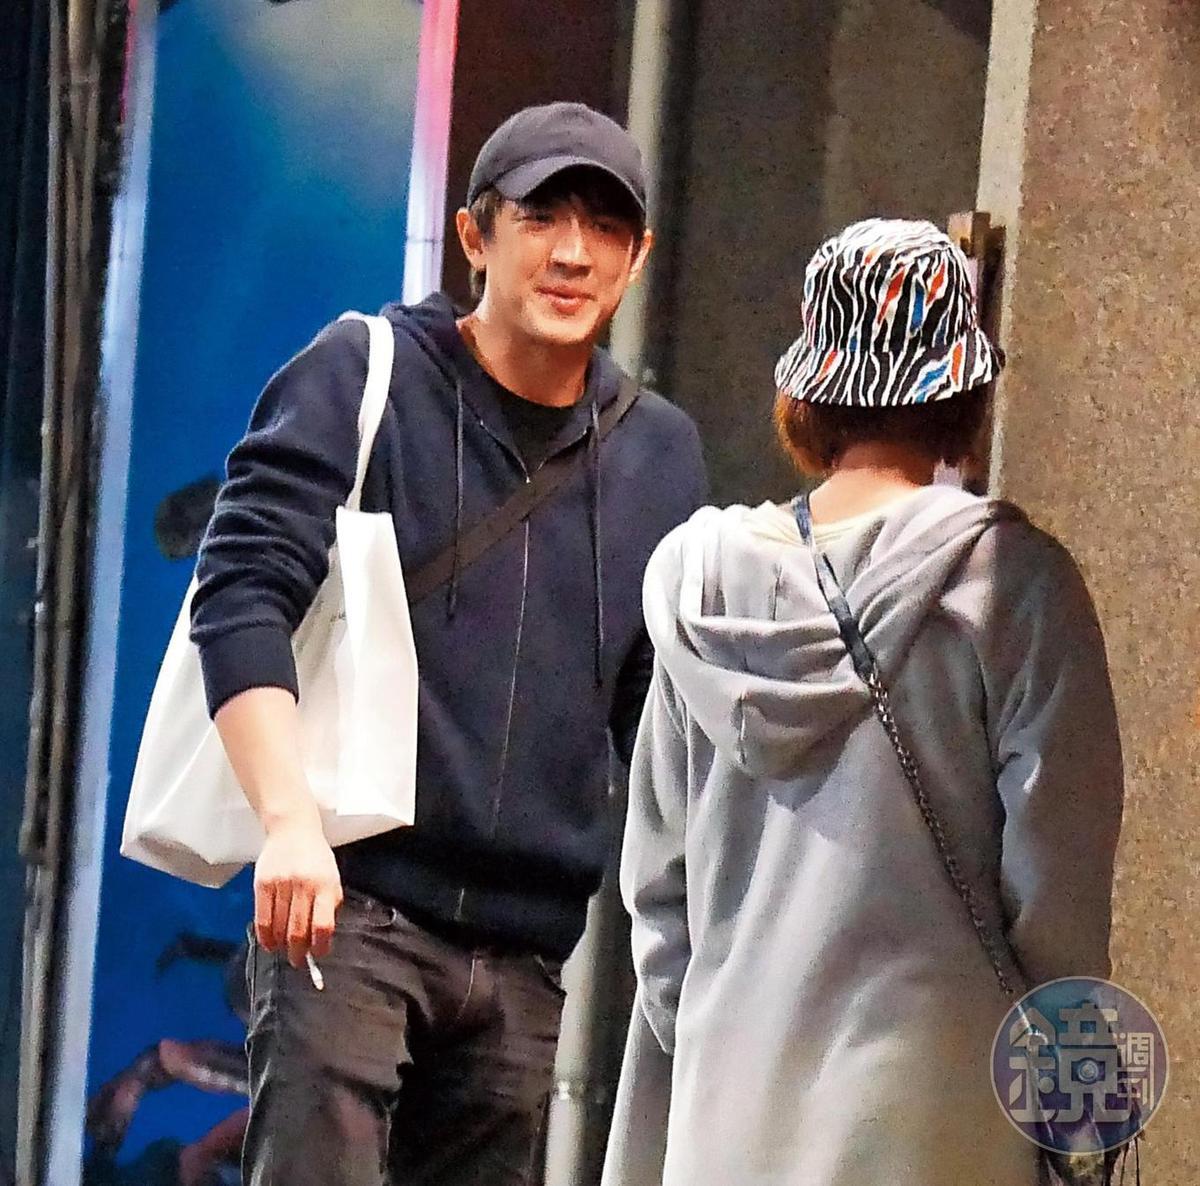 12月27日04:20,林更新貼心地幫女友背白提袋,並四目相對聊天,足見2人交情匪淺。